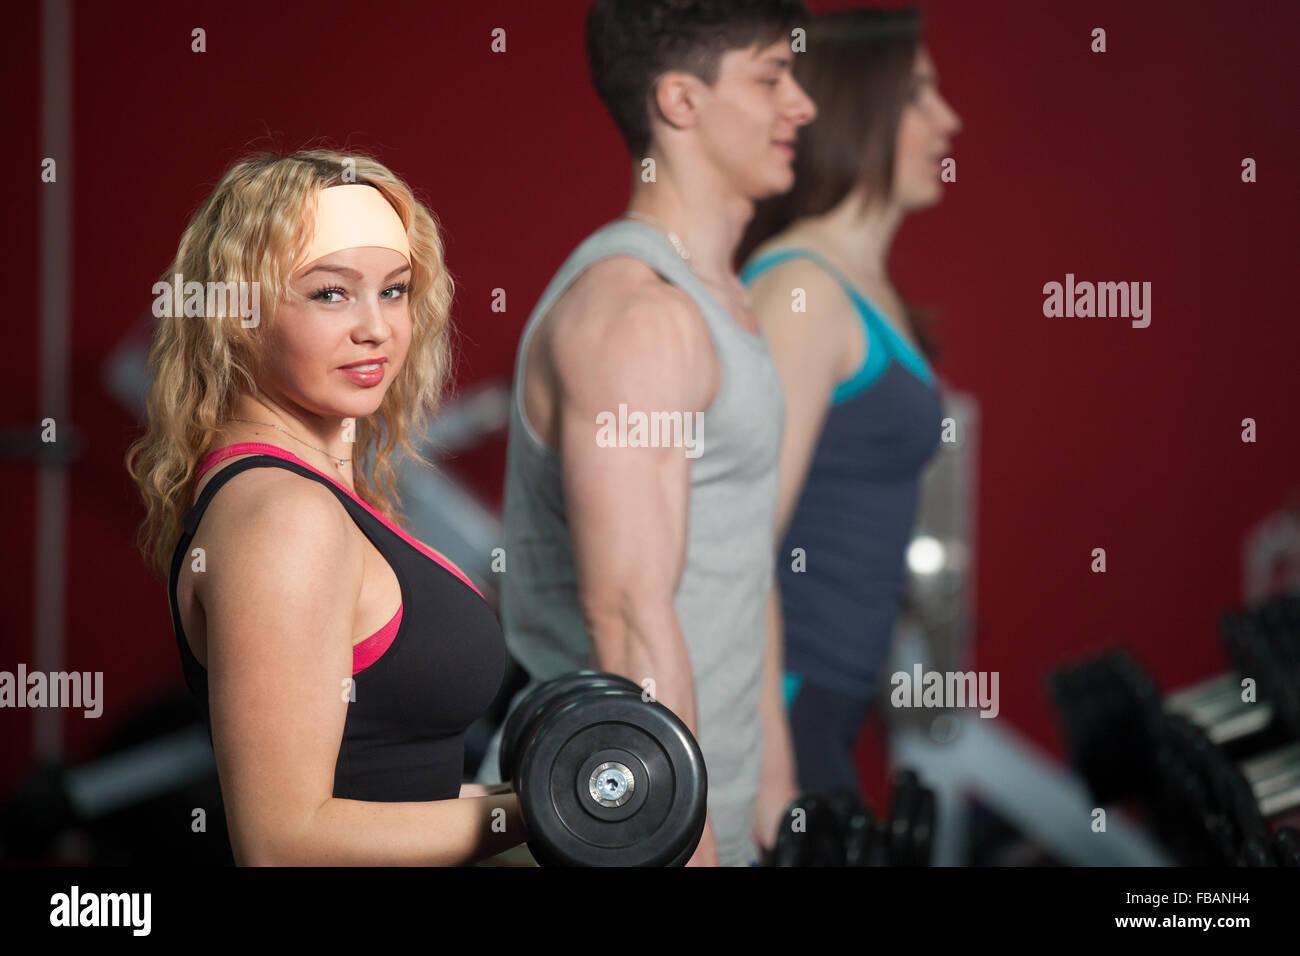 Groupe de sportifs n'exercices de musculation avec haltères en salle de sport Photo Stock